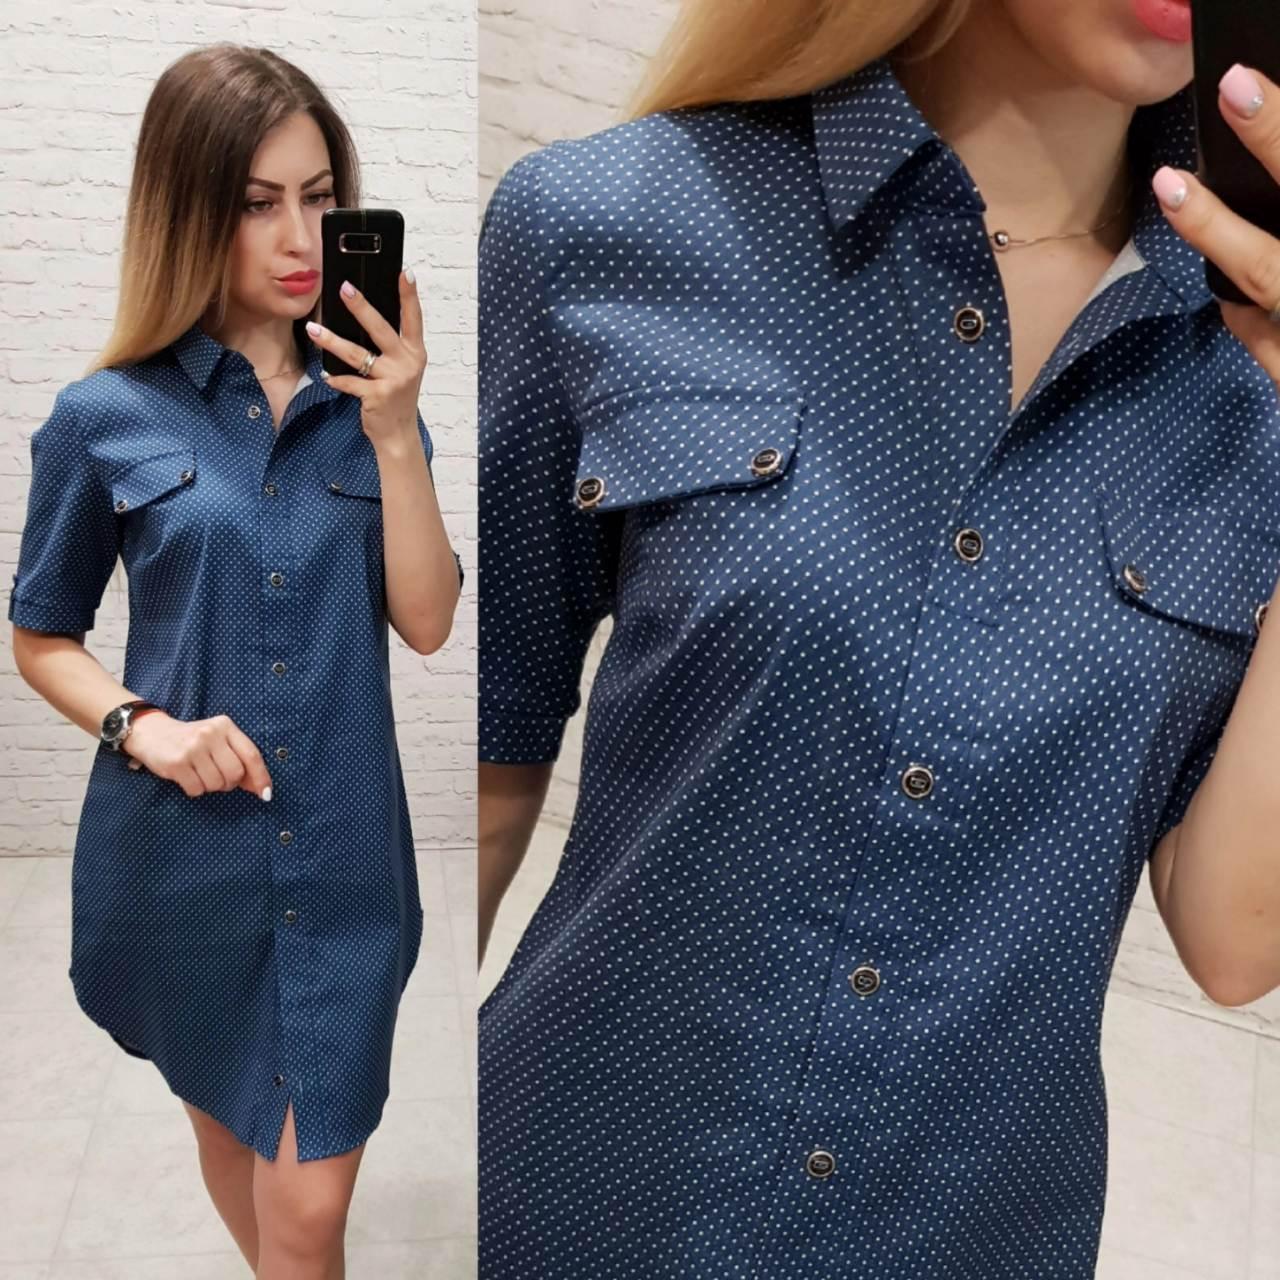 Платье - рубашка коттон арт. 827 цвет темного джинса в горох